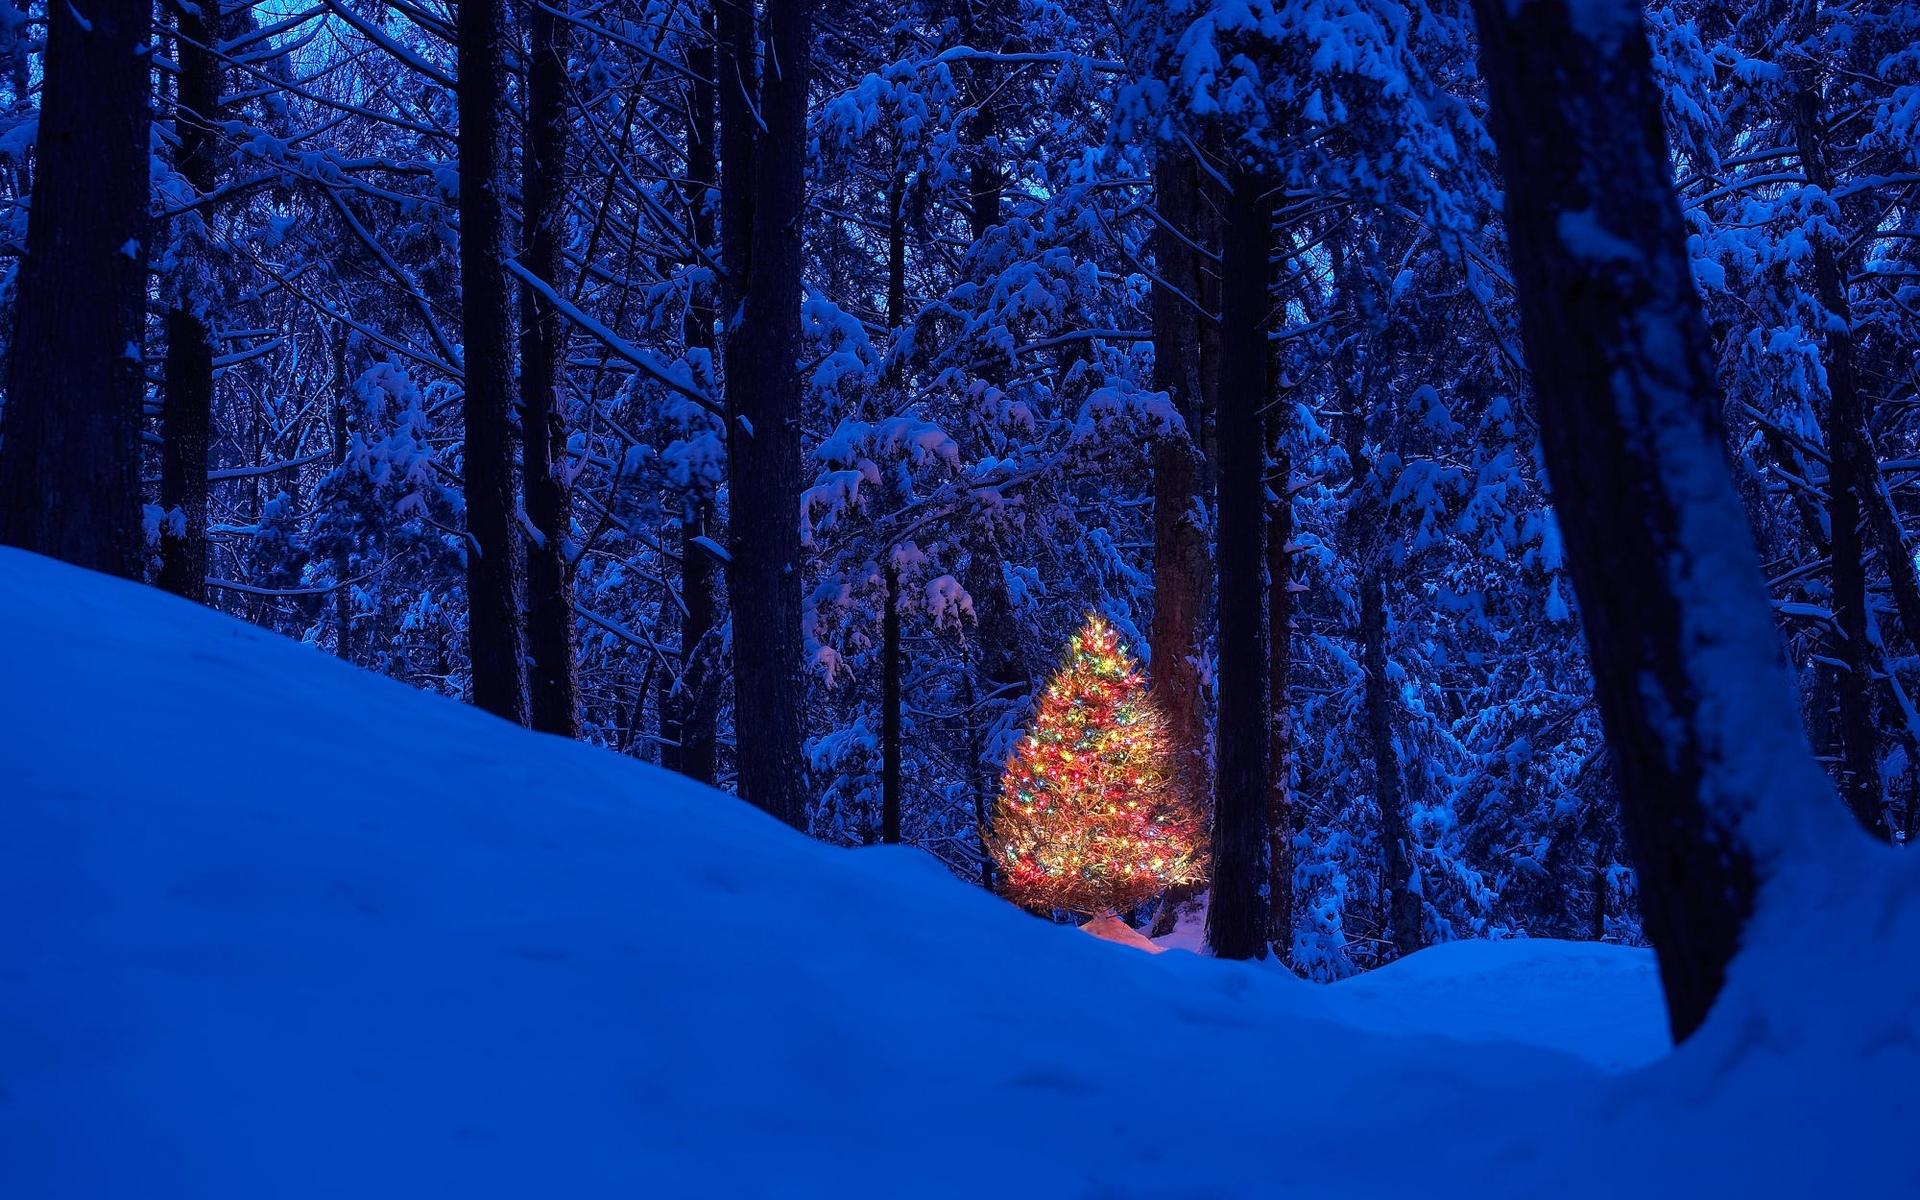 45593 скачать обои Праздники, Пейзаж, Природа, Деревья, Новый Год (New Year), Снег - заставки и картинки бесплатно